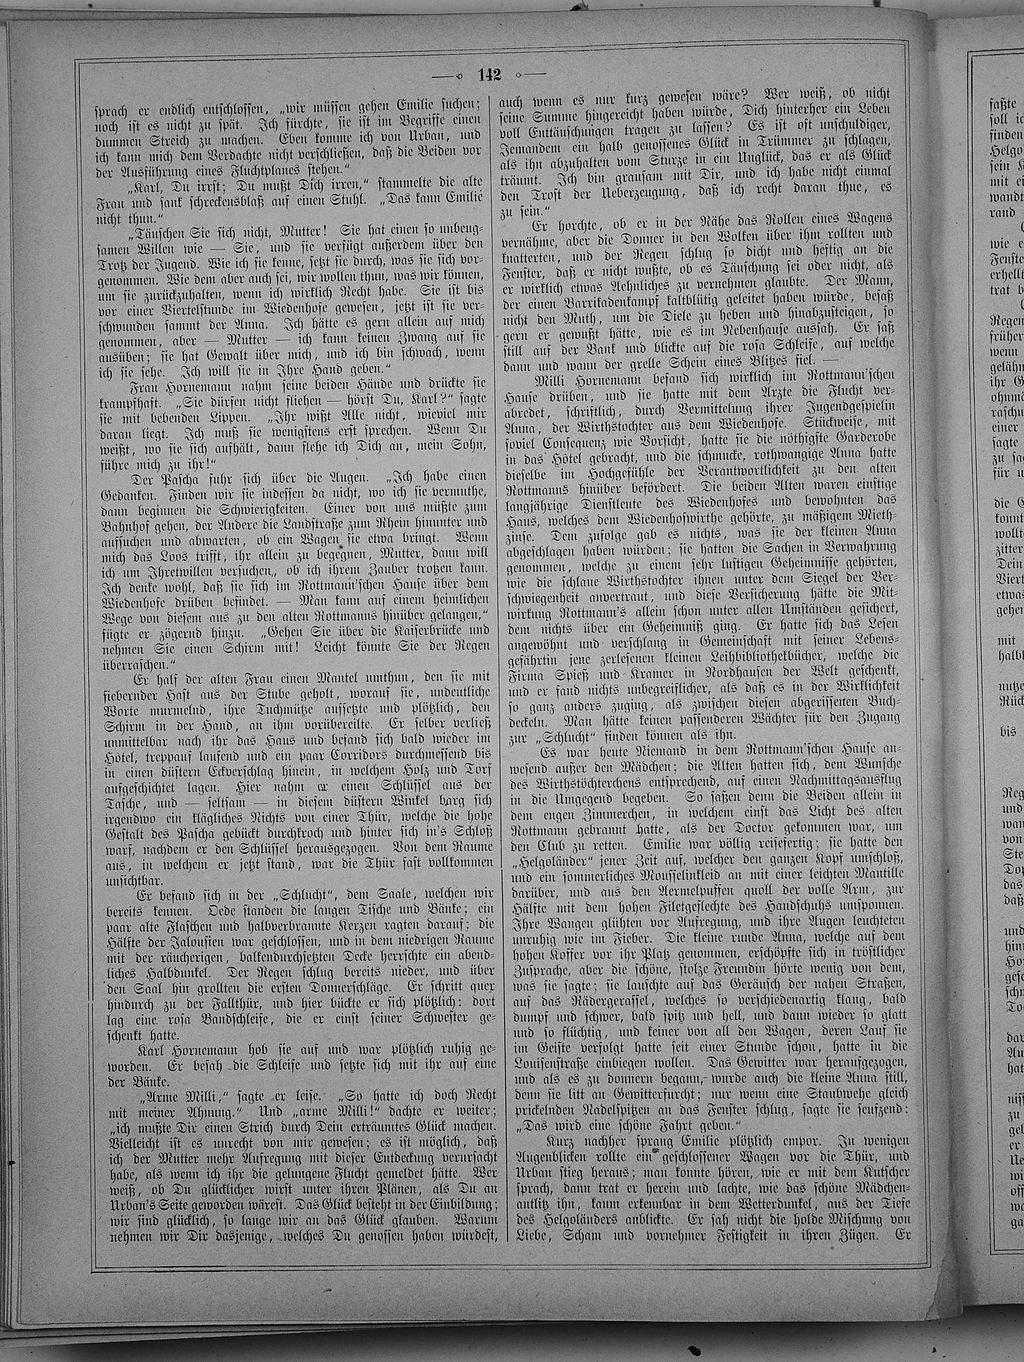 Garten Versicherung Einzigartig Seite Die Gartenlaube 1877 142 – Wikisource